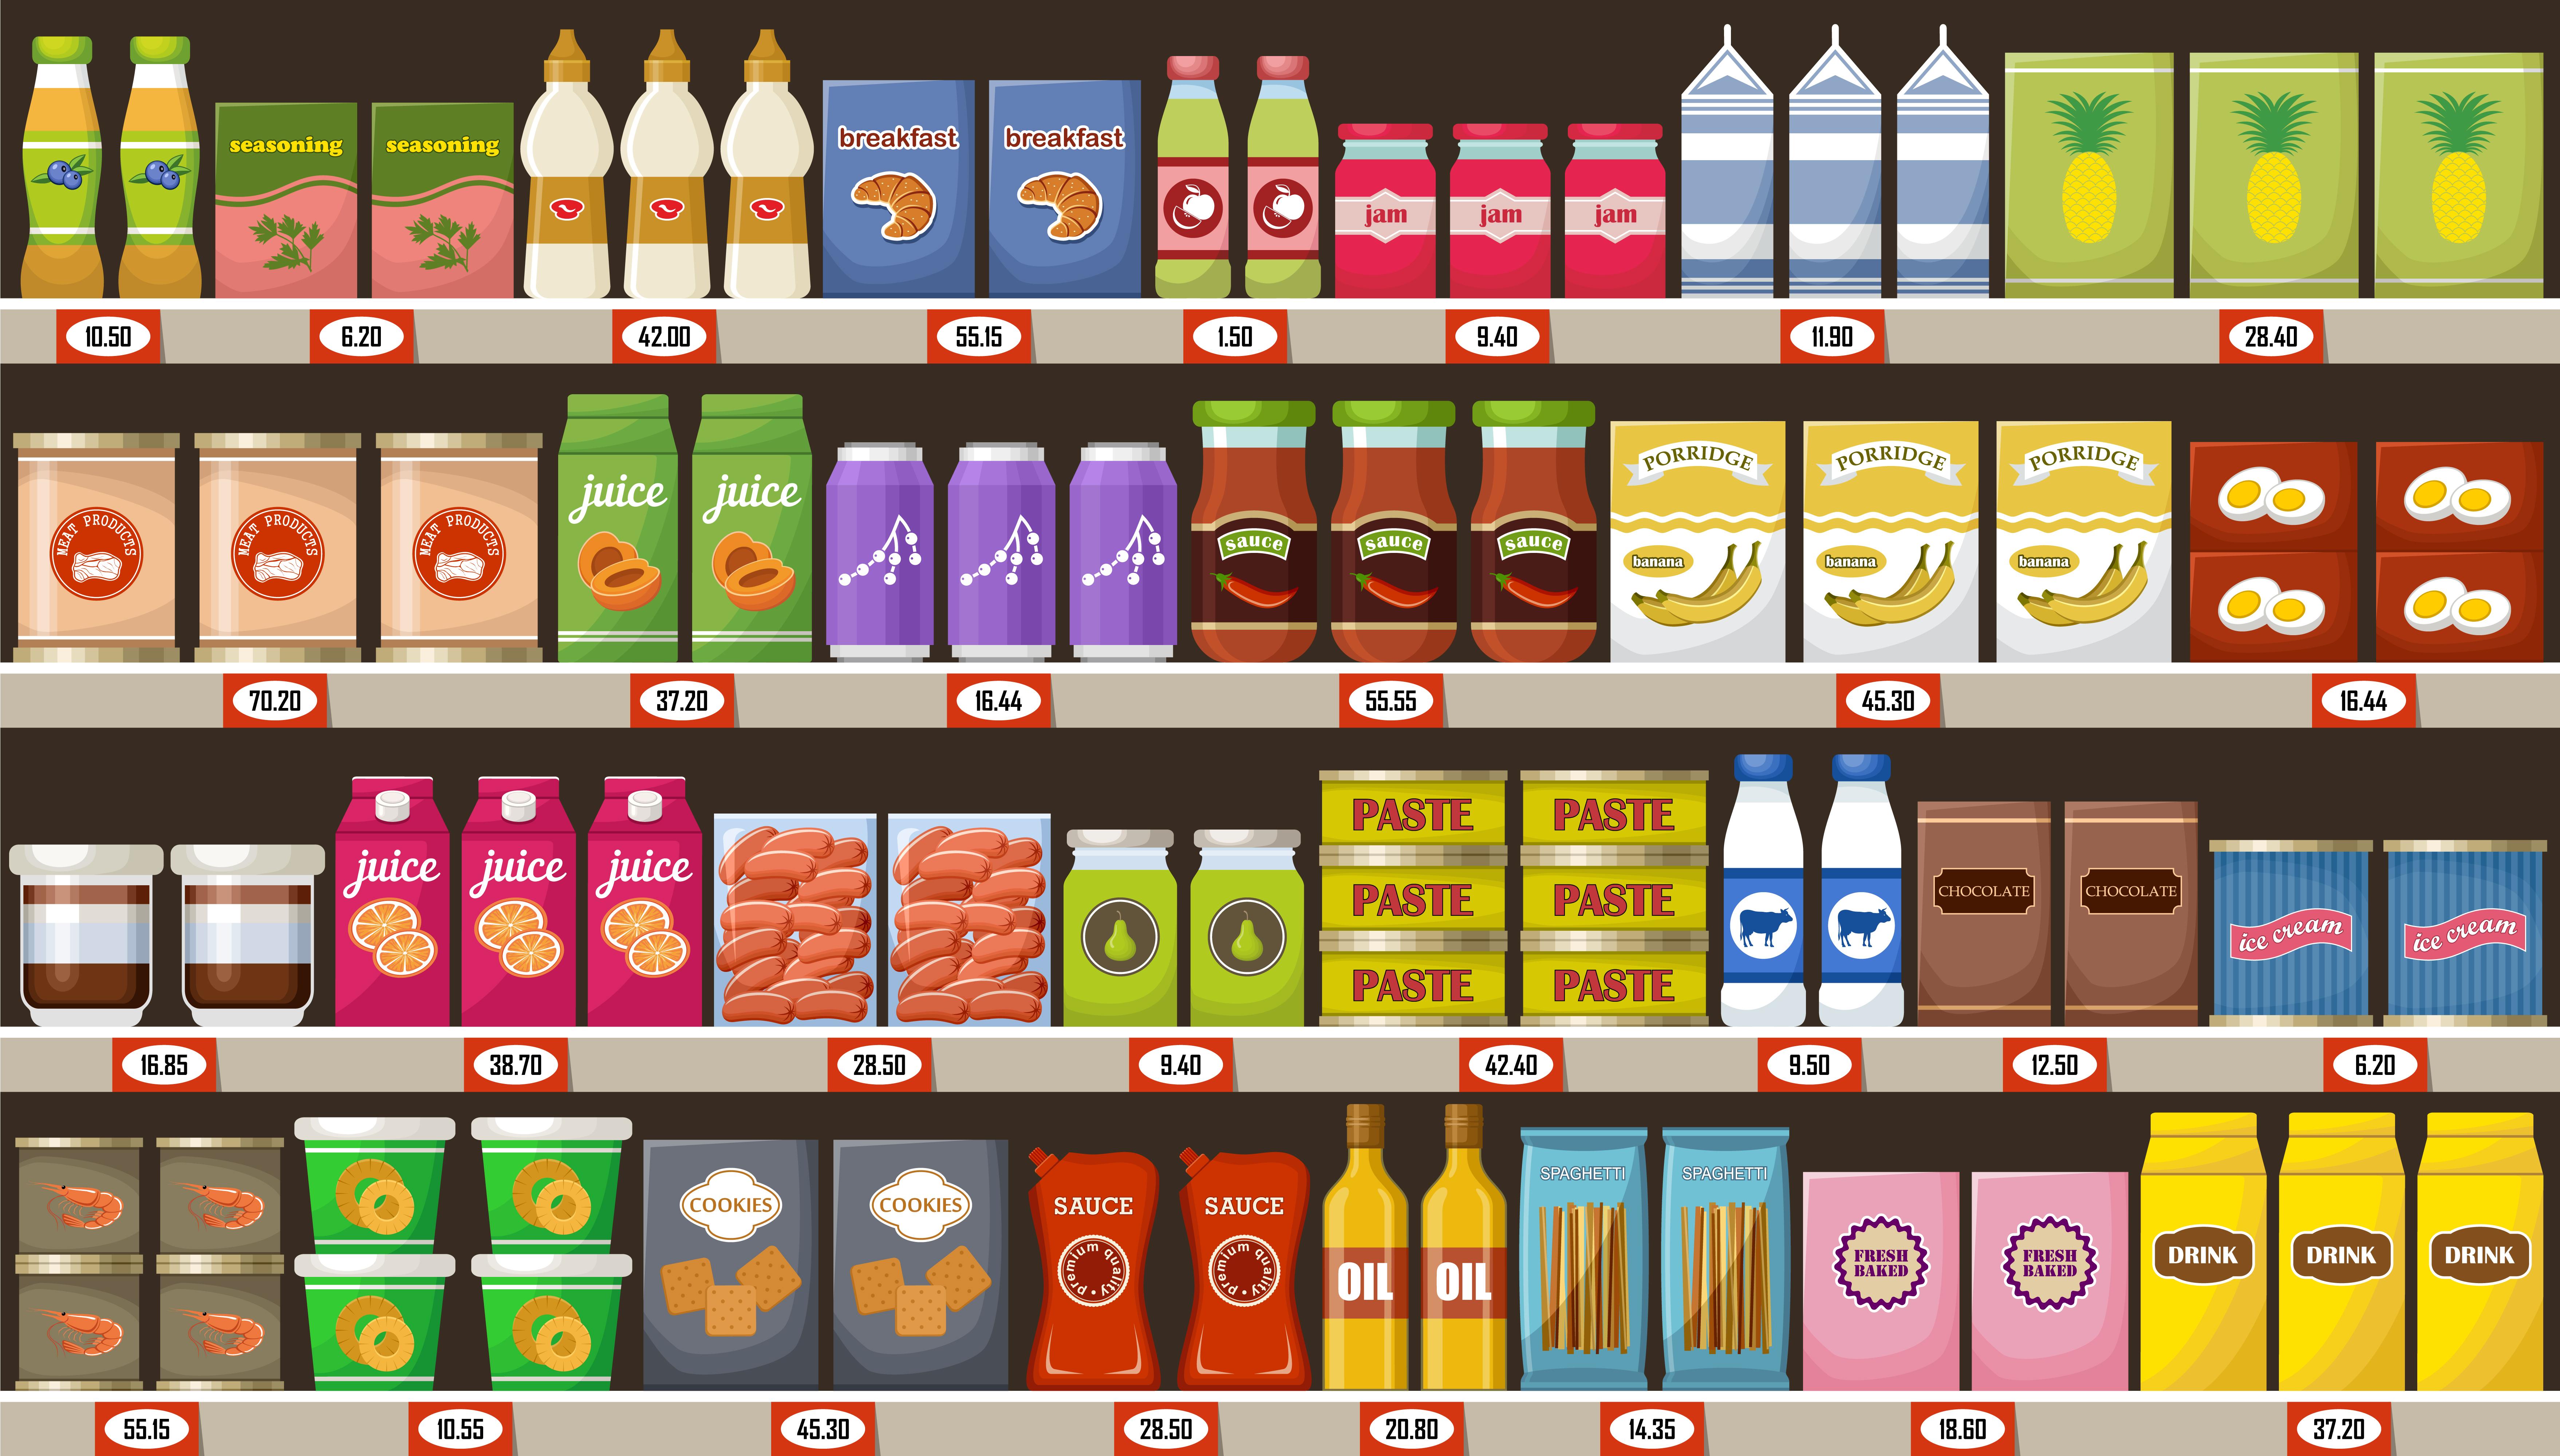 Trvanlivé potraviny dominují pod privátními značkami v obchodech, nejmenší podíl mají lihoviny